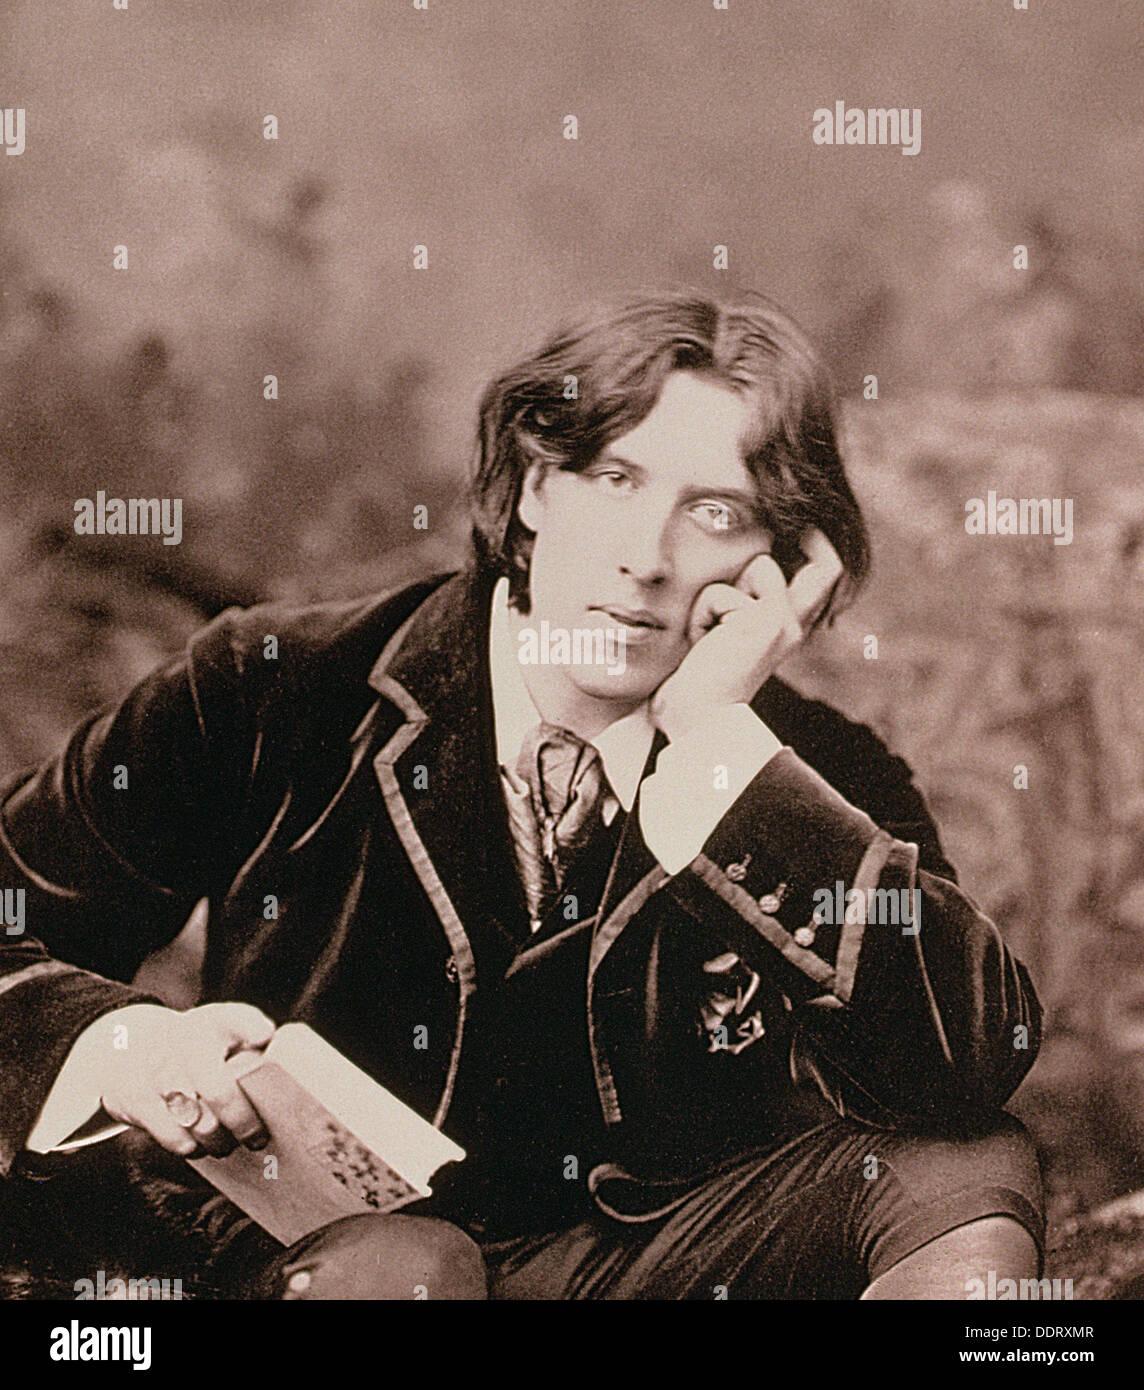 Oscar Wilde, dramaturge irlandais né et d'esprit, 1882. Artiste: Inconnu Banque D'Images